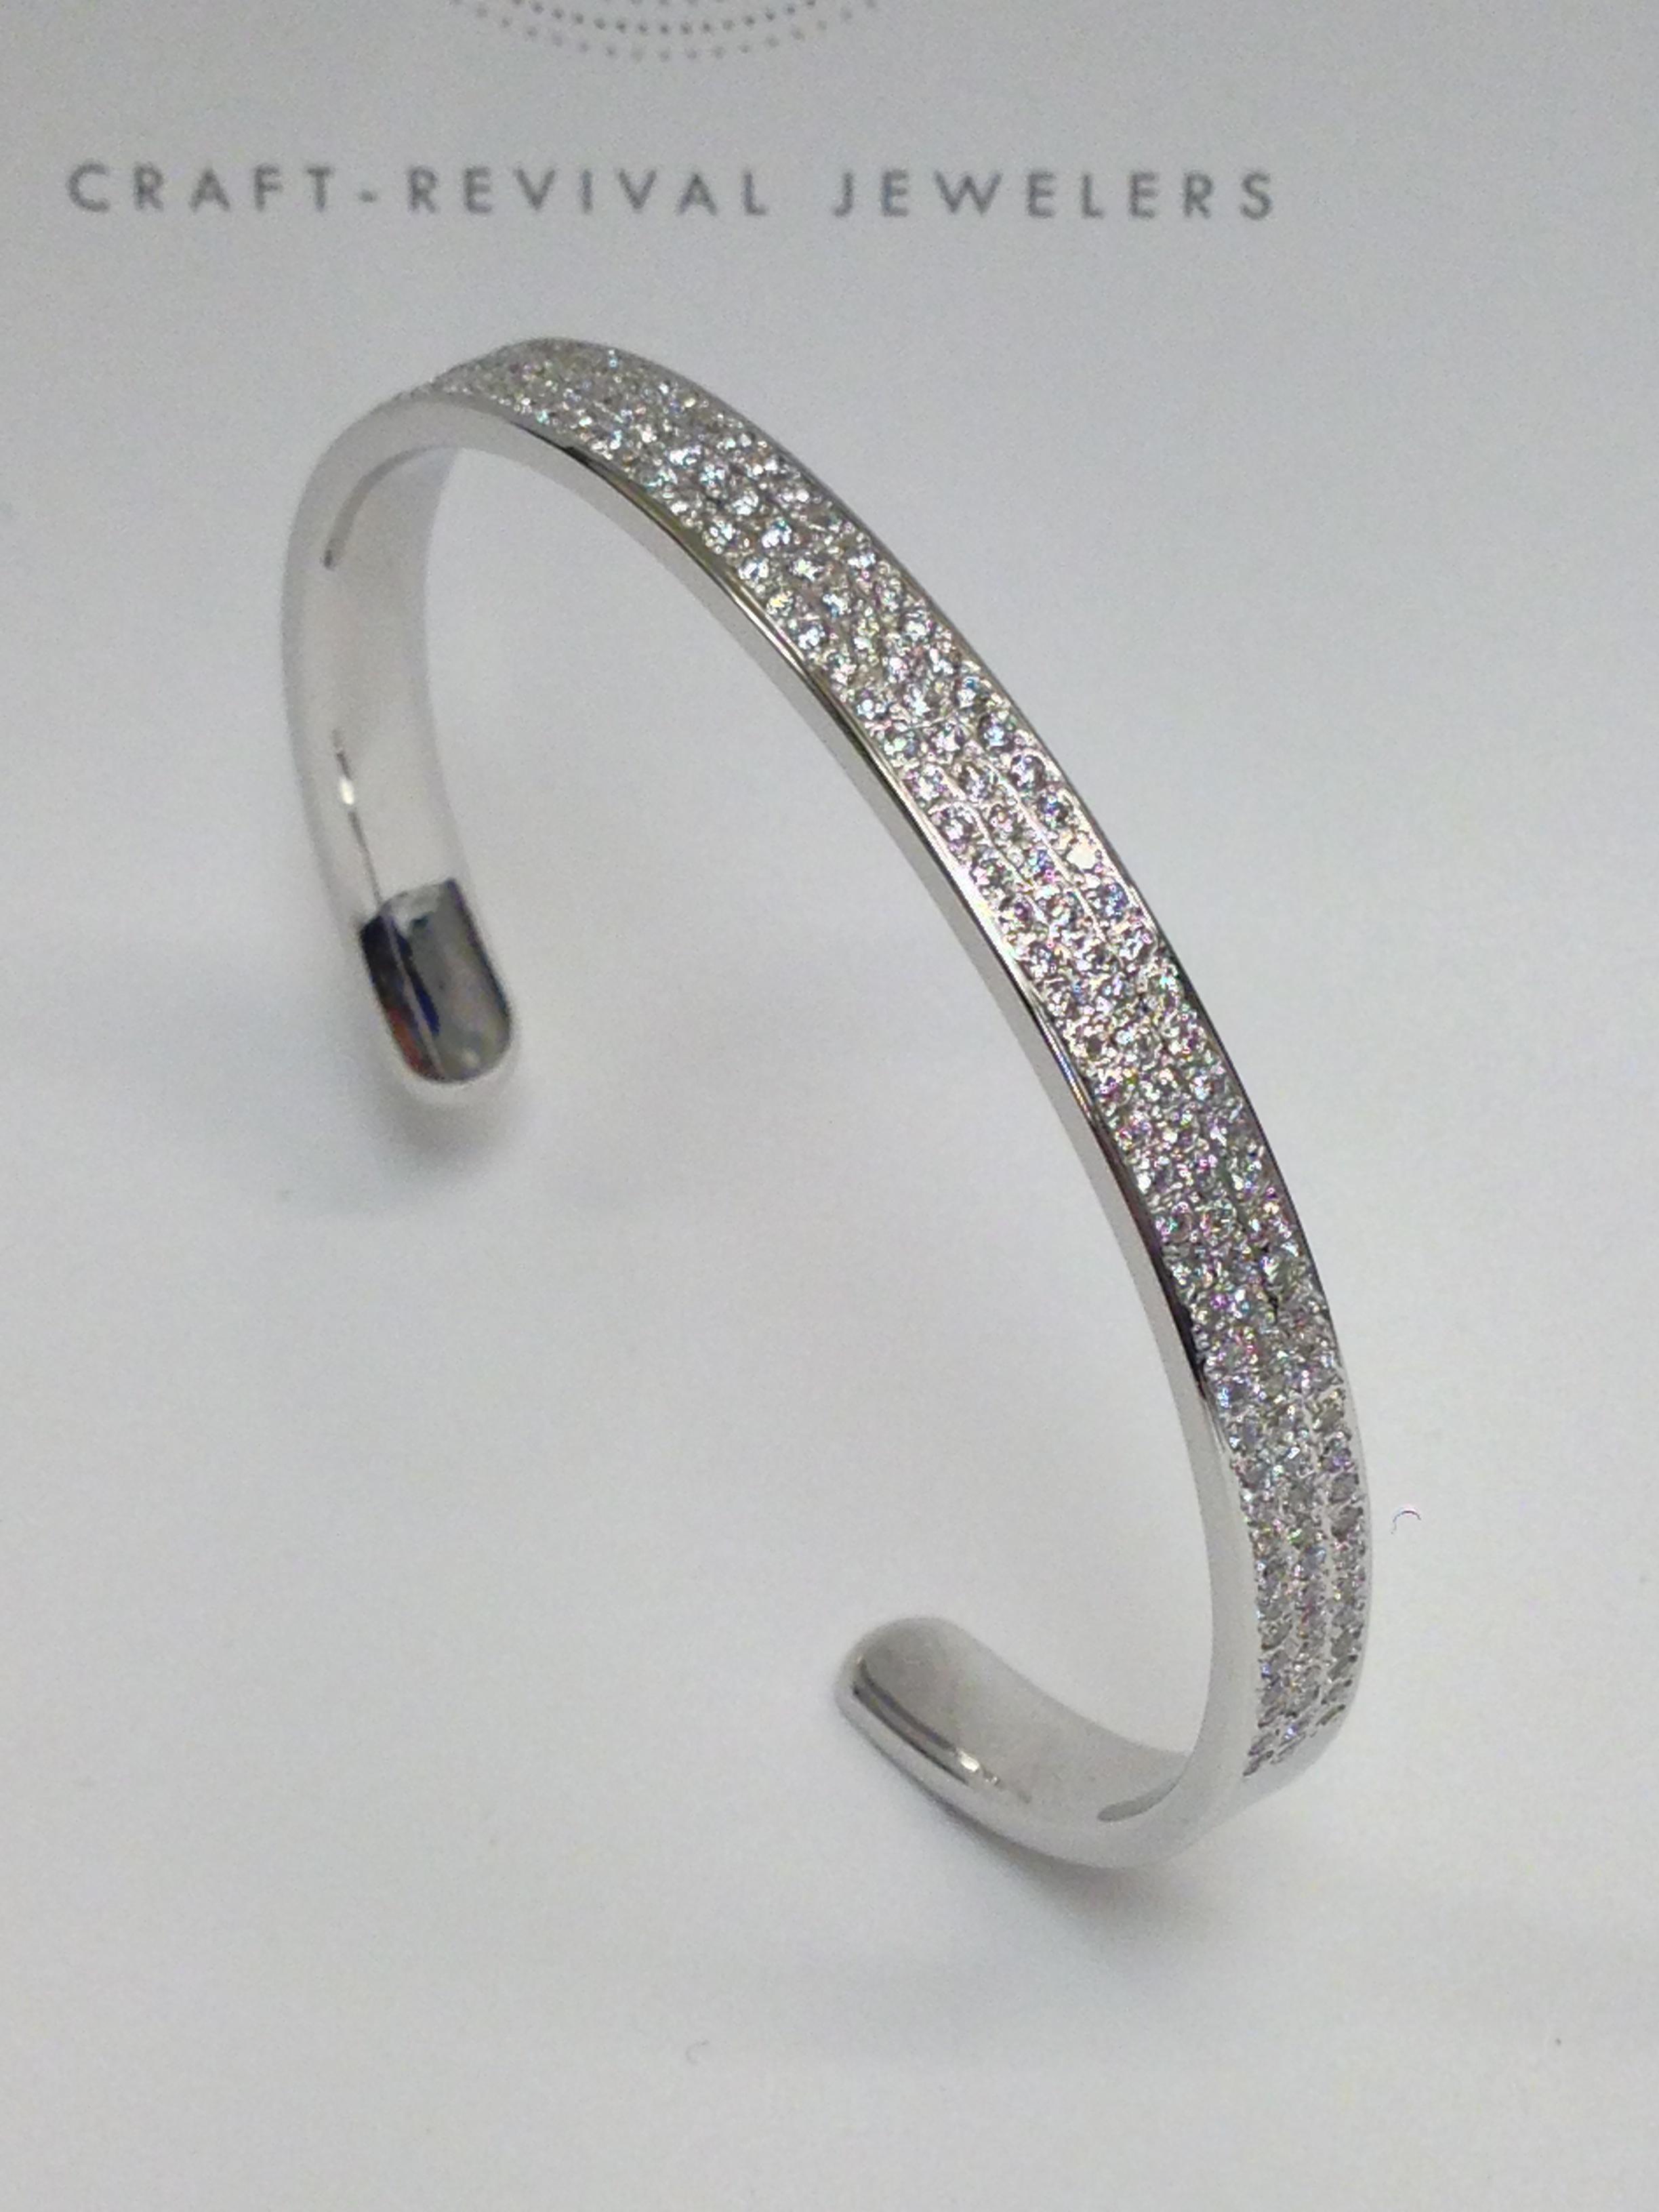 Craft-Revival Jewelers, diamond bangle